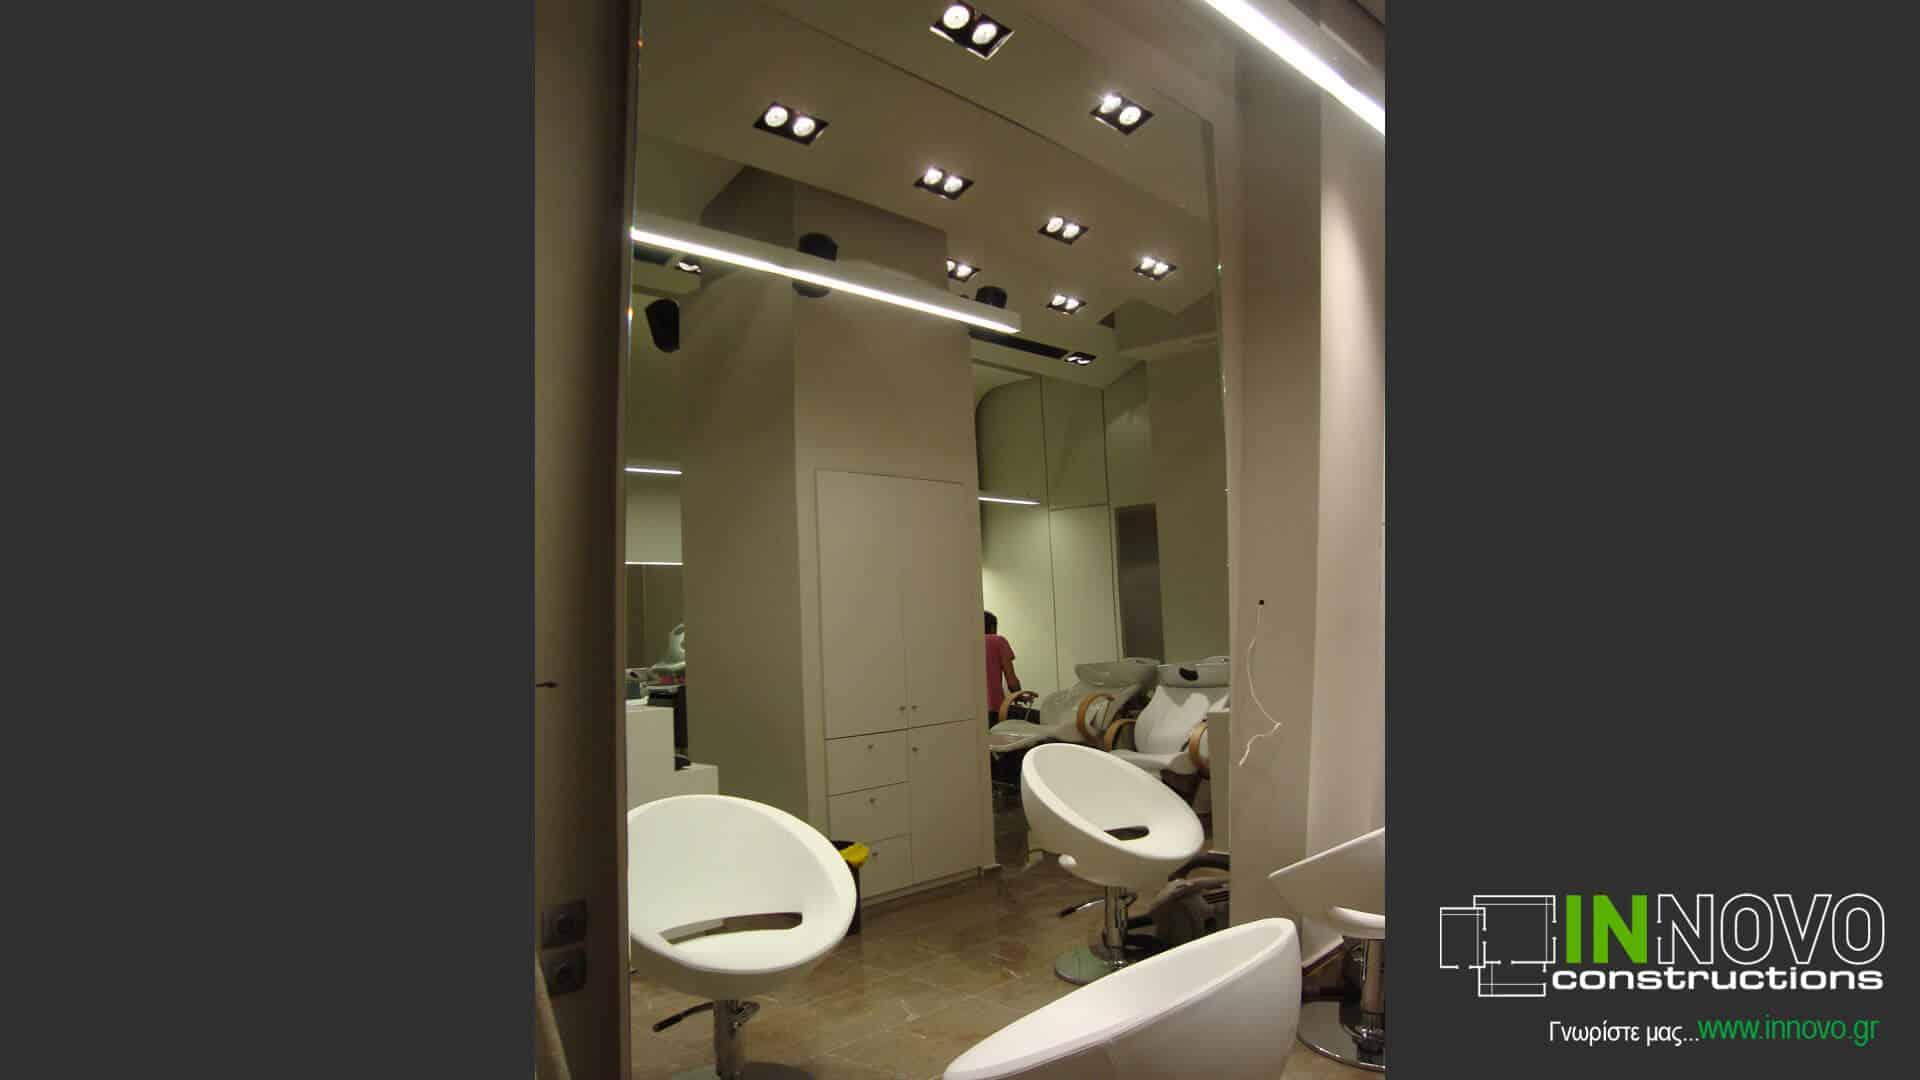 kataskevi-kommotiriou-hairdressers-construction-kommotirio-papageorgiou-1020